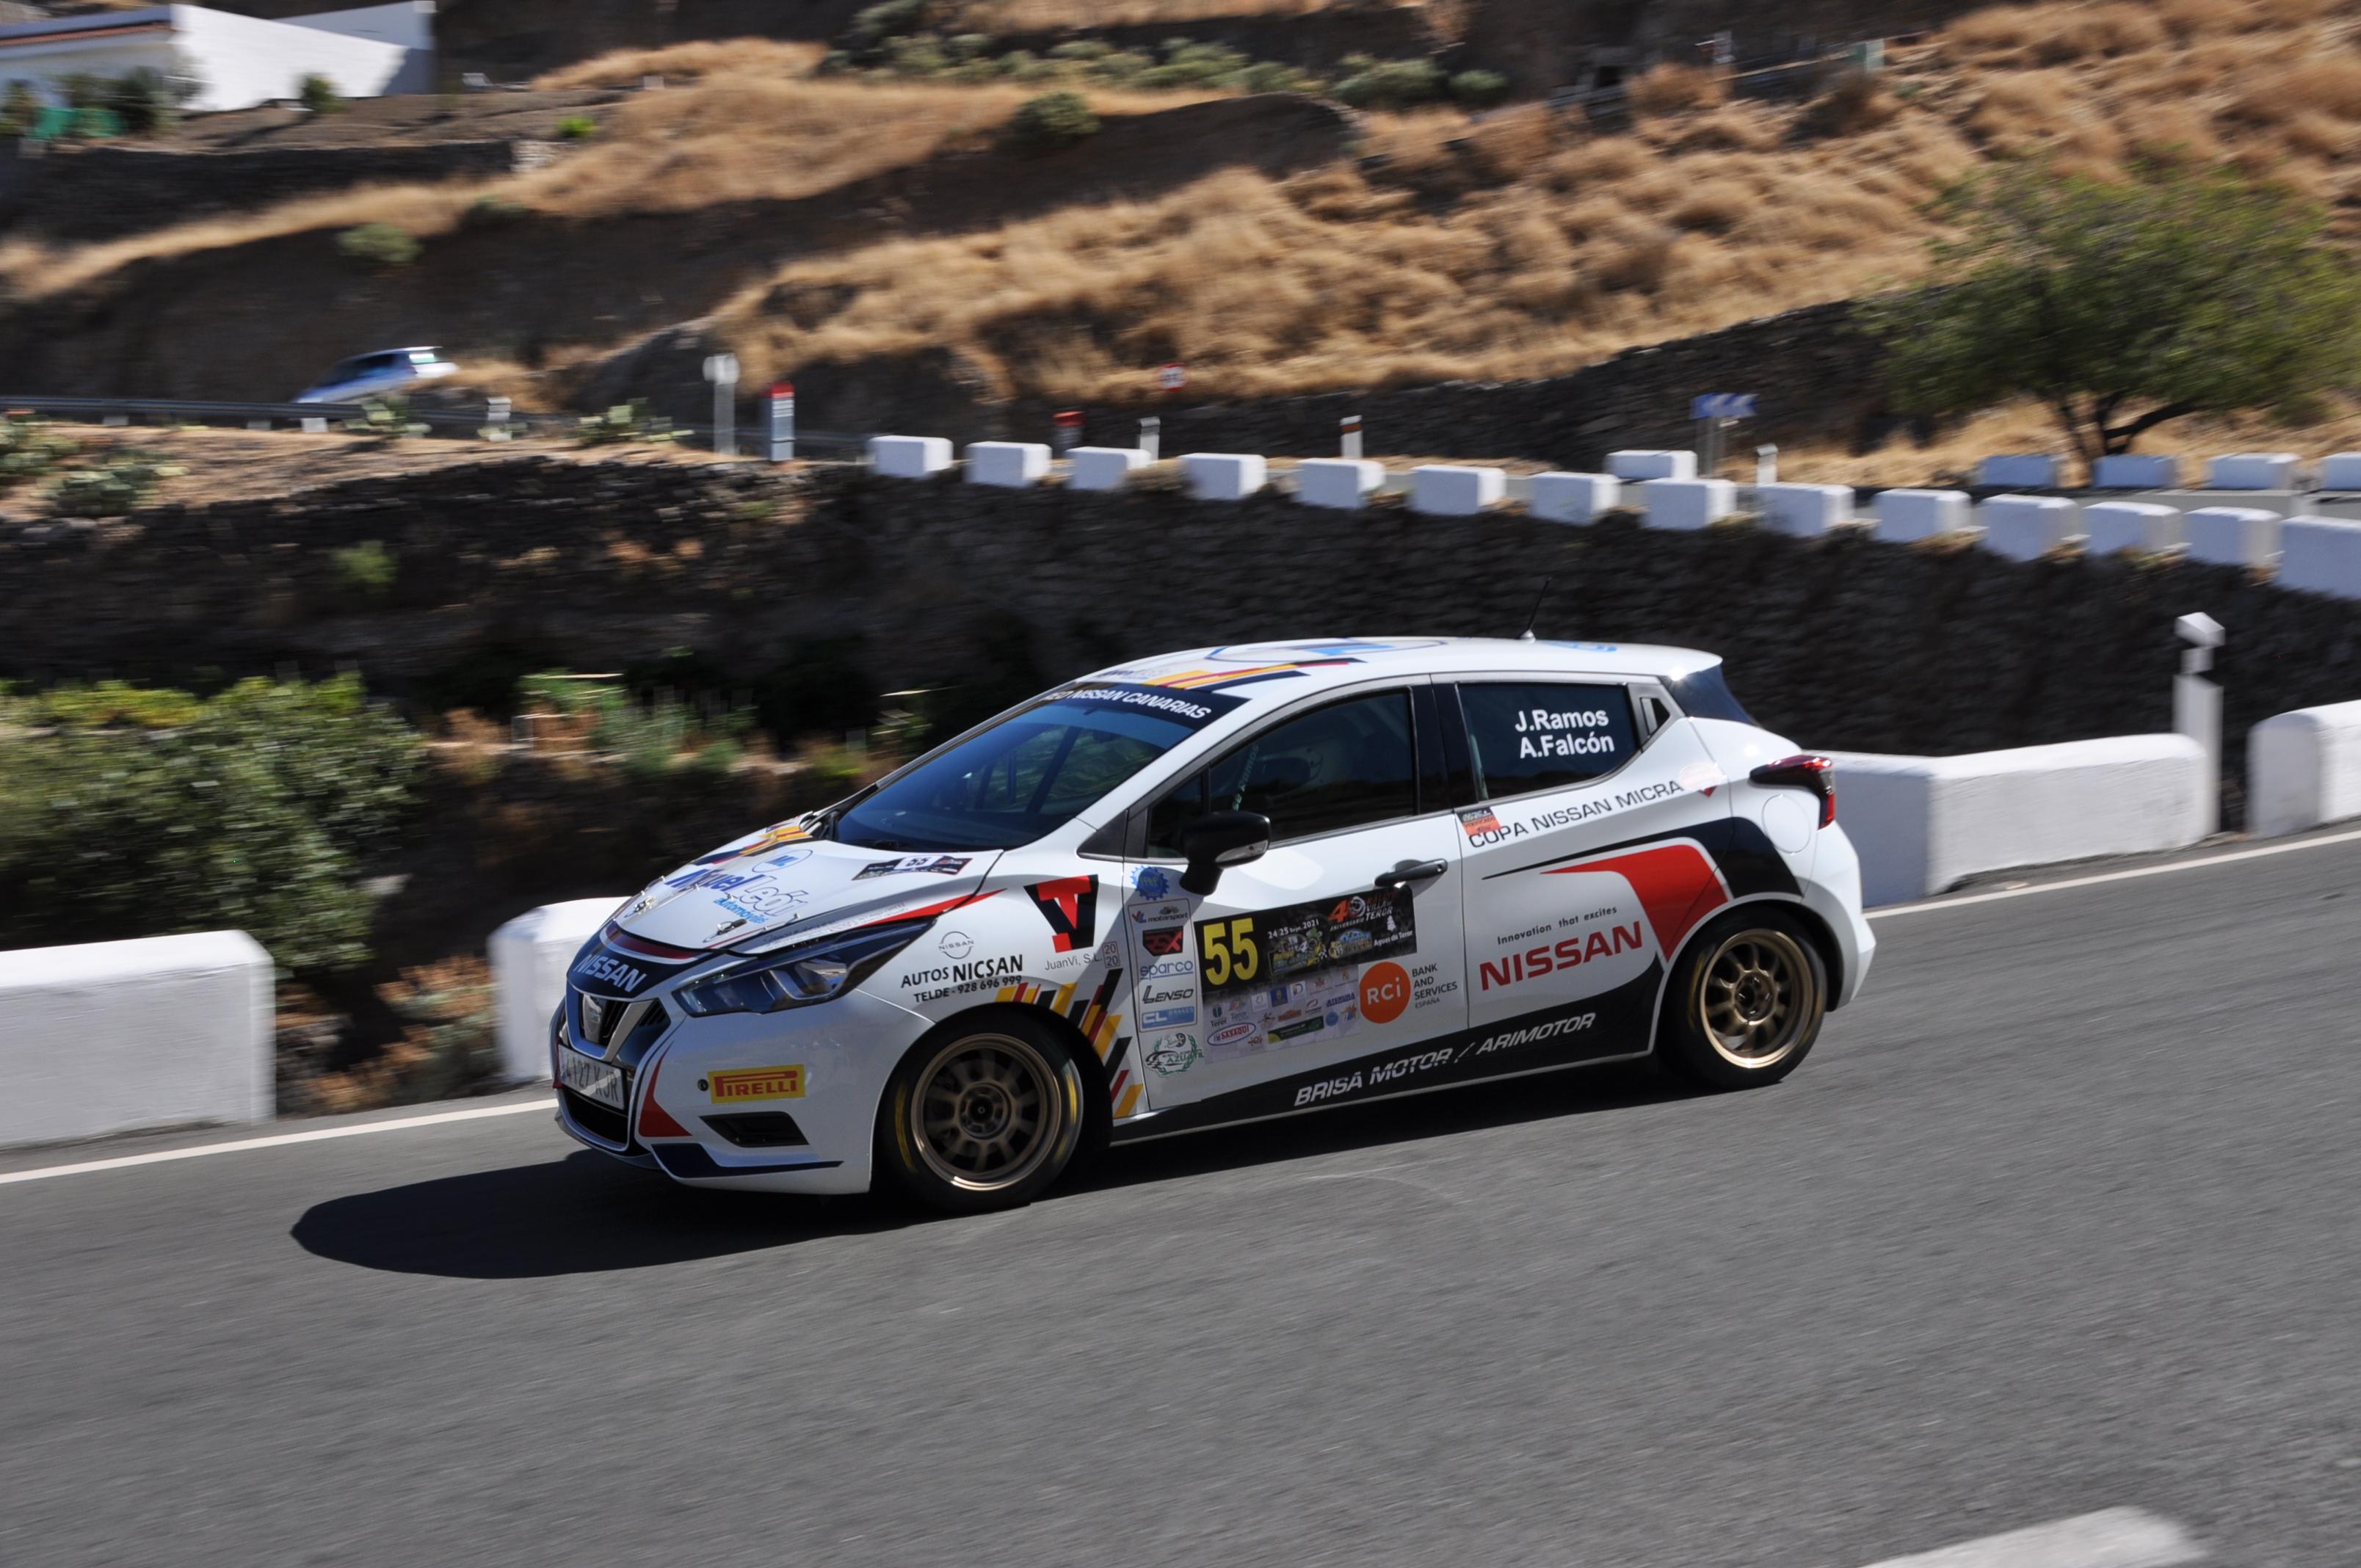 40º Rallye Villa de Teror. Jesé Ramos y Alejandro Falcón dominan